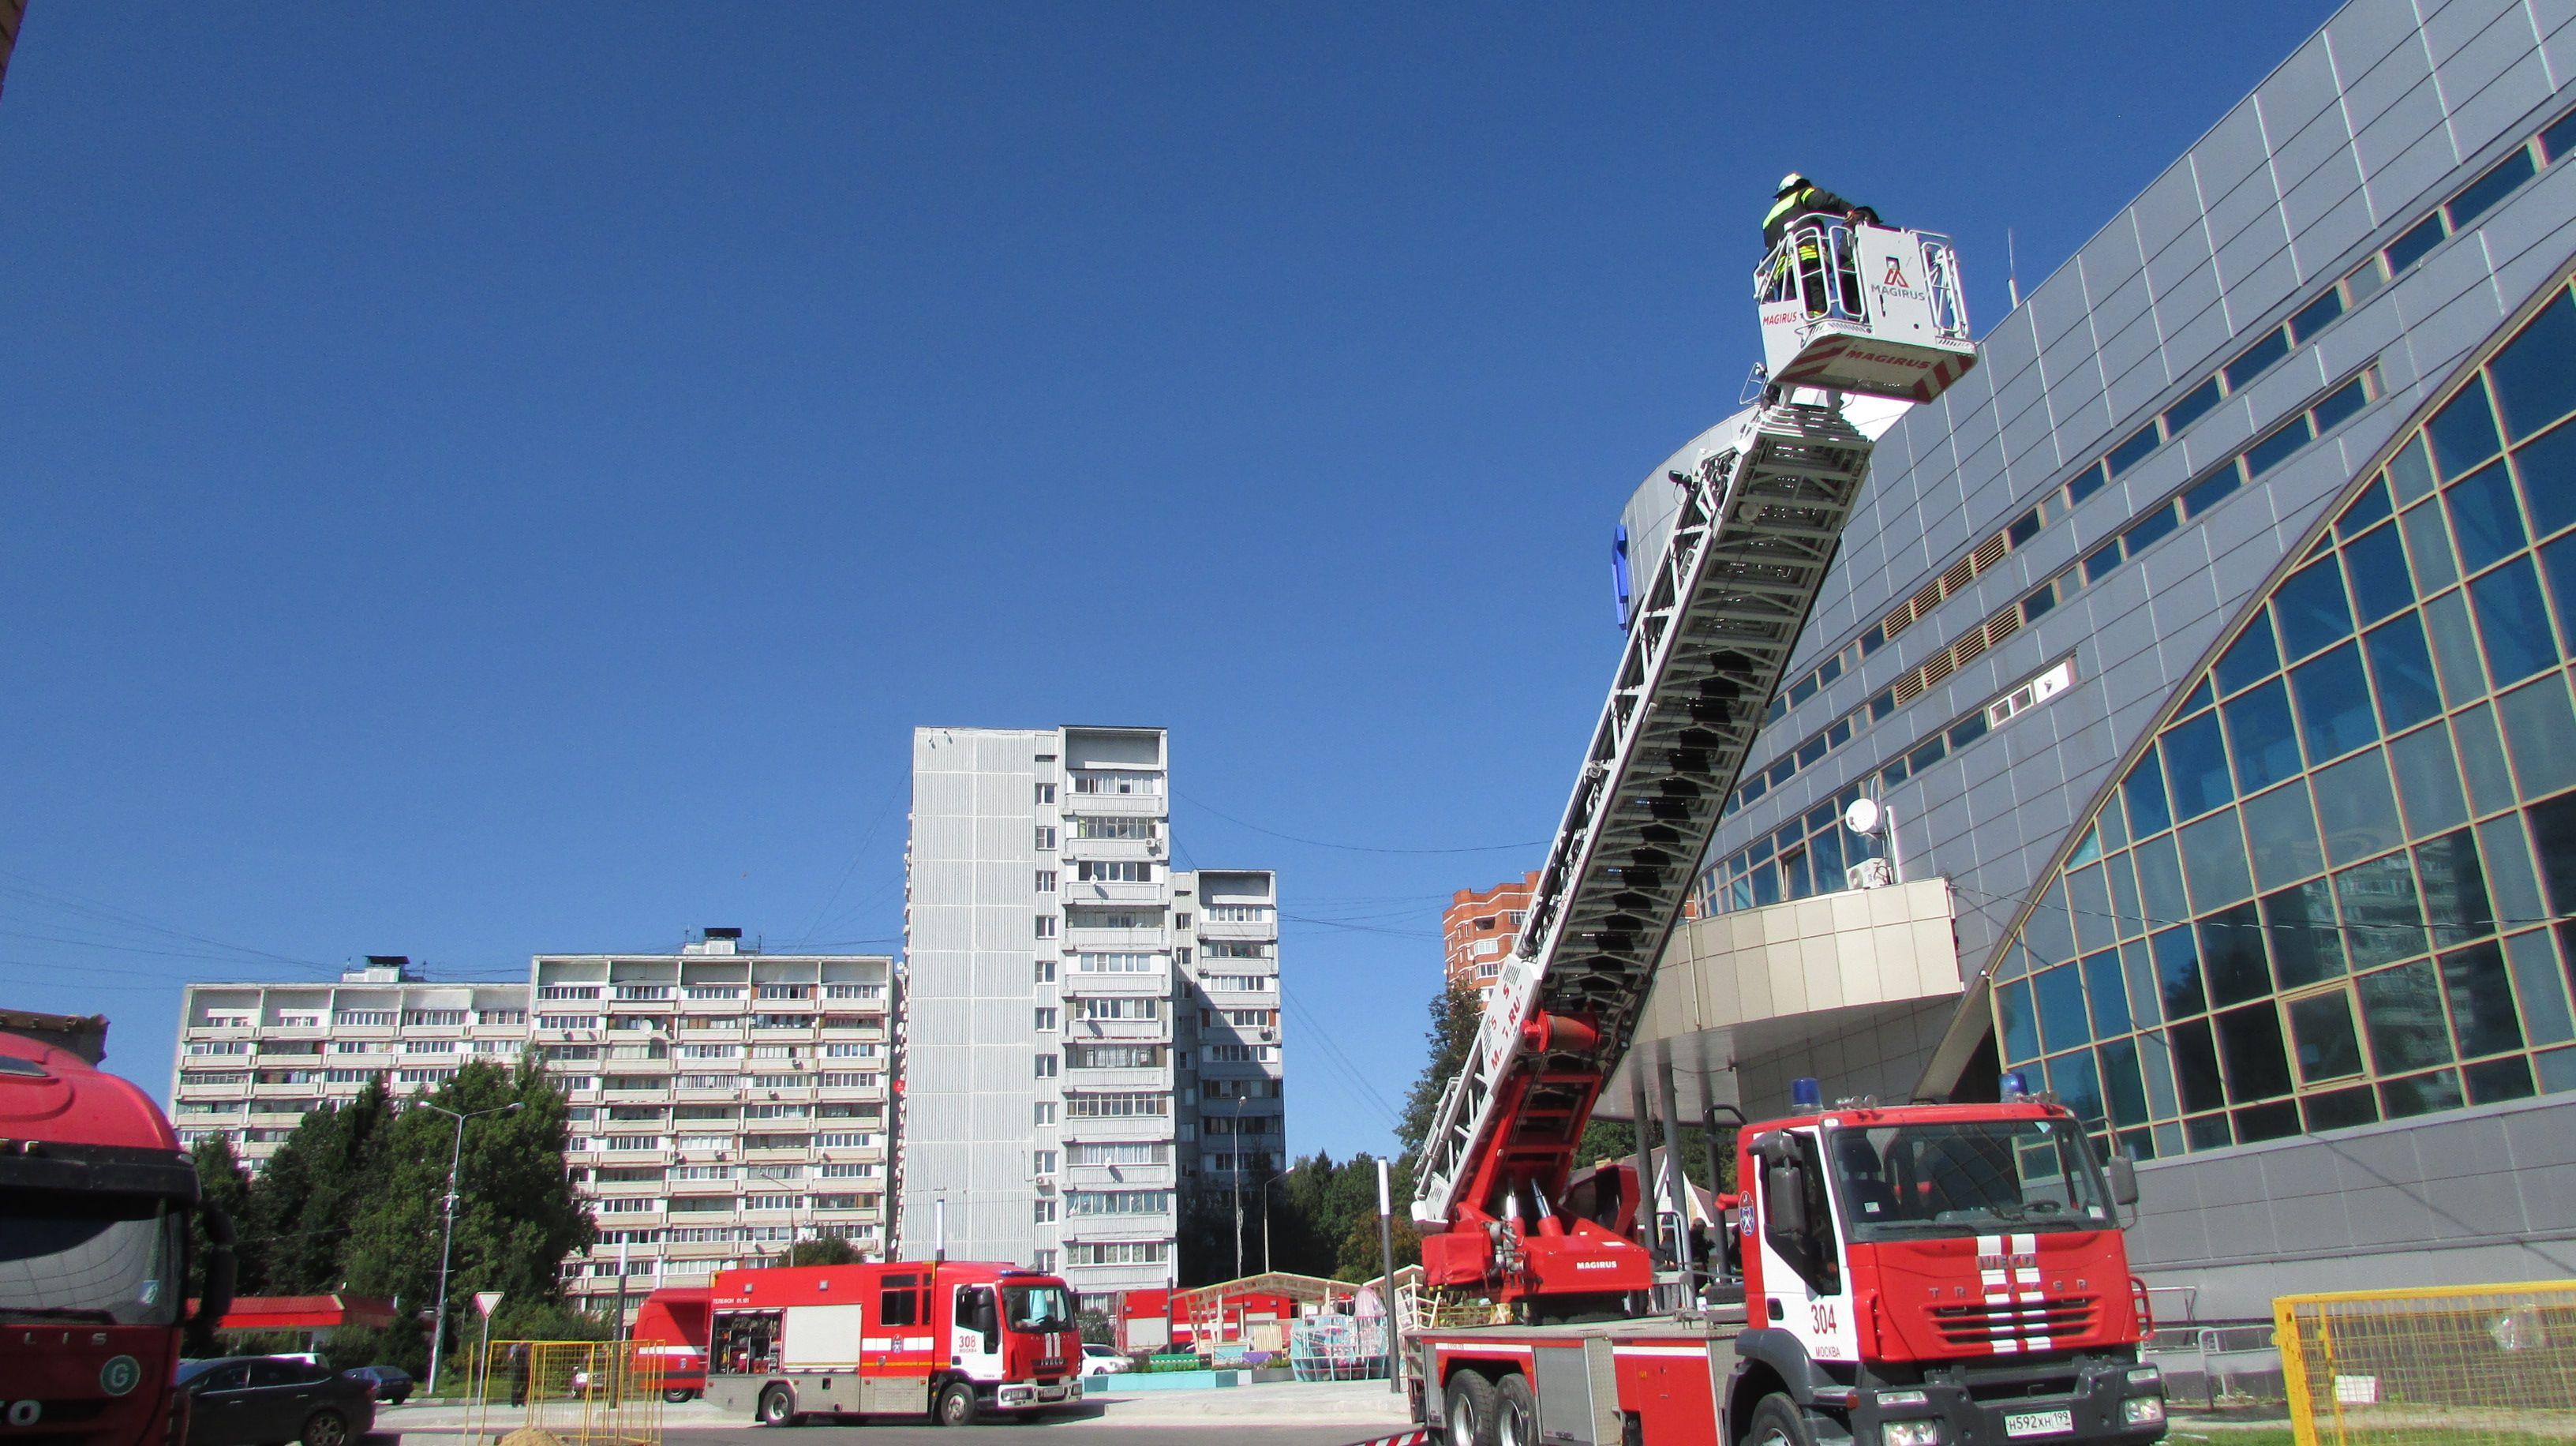 Пожарно-тактические учения на здание с массовым пребыванием людей Дворца спорта «Квант»